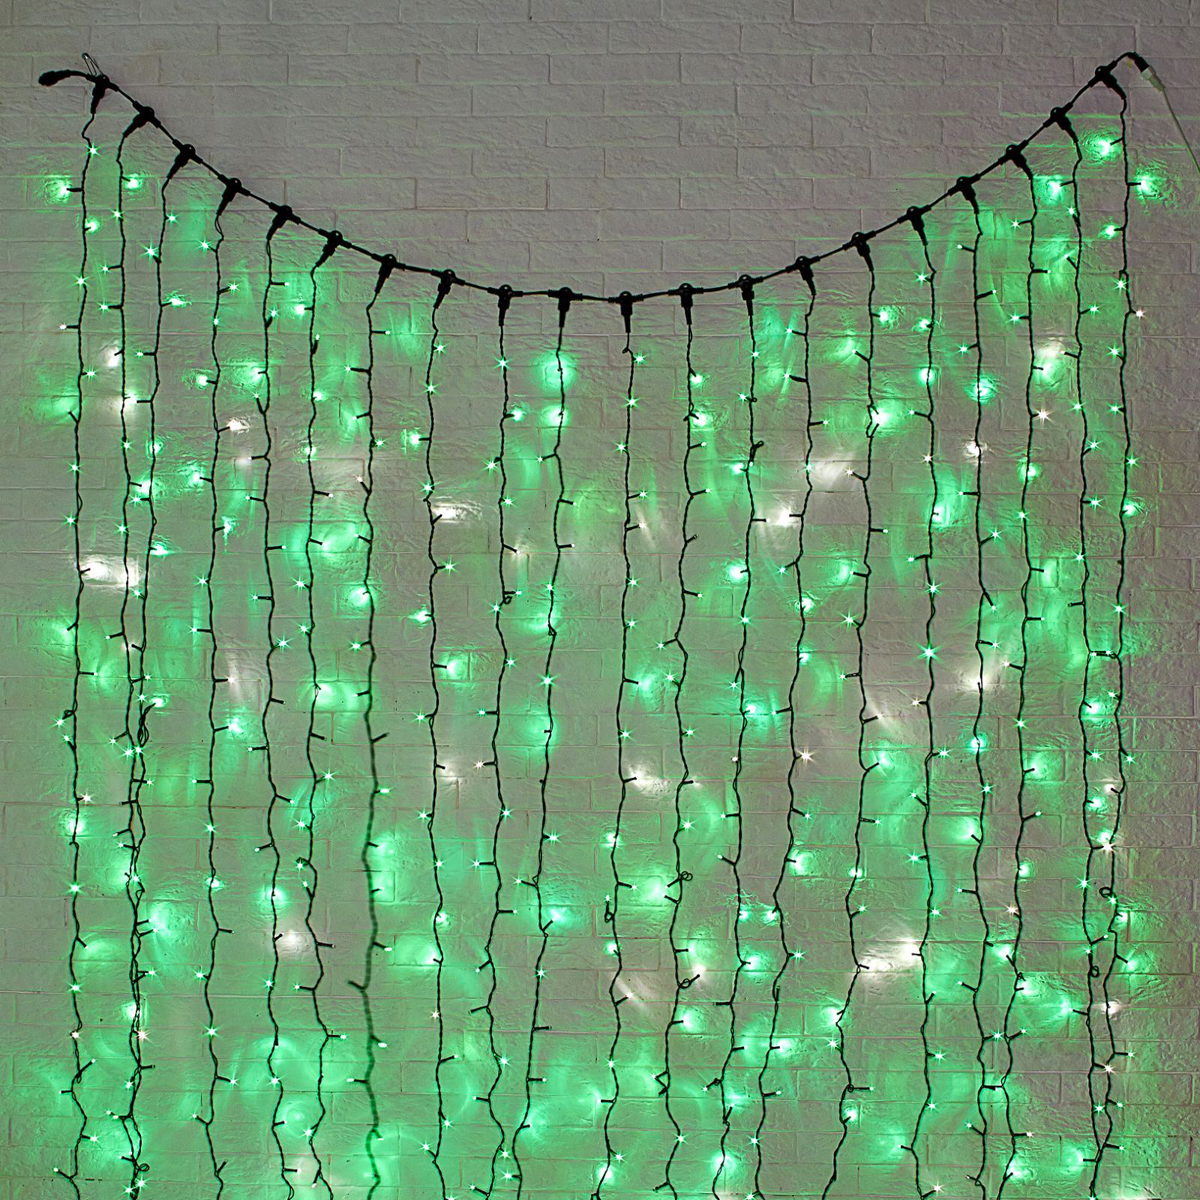 Гирлянда светодиодная Luazon Занавес, цвет: зеленый, уличная, 760 ламп, 220 V, 2 х 3 м. 10802521080252Светодиодные гирлянды и ленты — это отличный вариант для новогоднего оформления интерьера или фасада. С их помощью помещение любого размера можно превратить в праздничный зал, а внешние элементы зданий, украшенные ими, мгновенно станут напоминать очертания сказочного дворца. Такие украшения создают ауру предвкушения чуда. Деревья, фасады, витрины, окна и арки будто специально созданы, чтобы вы украсили их светящимися нитями.